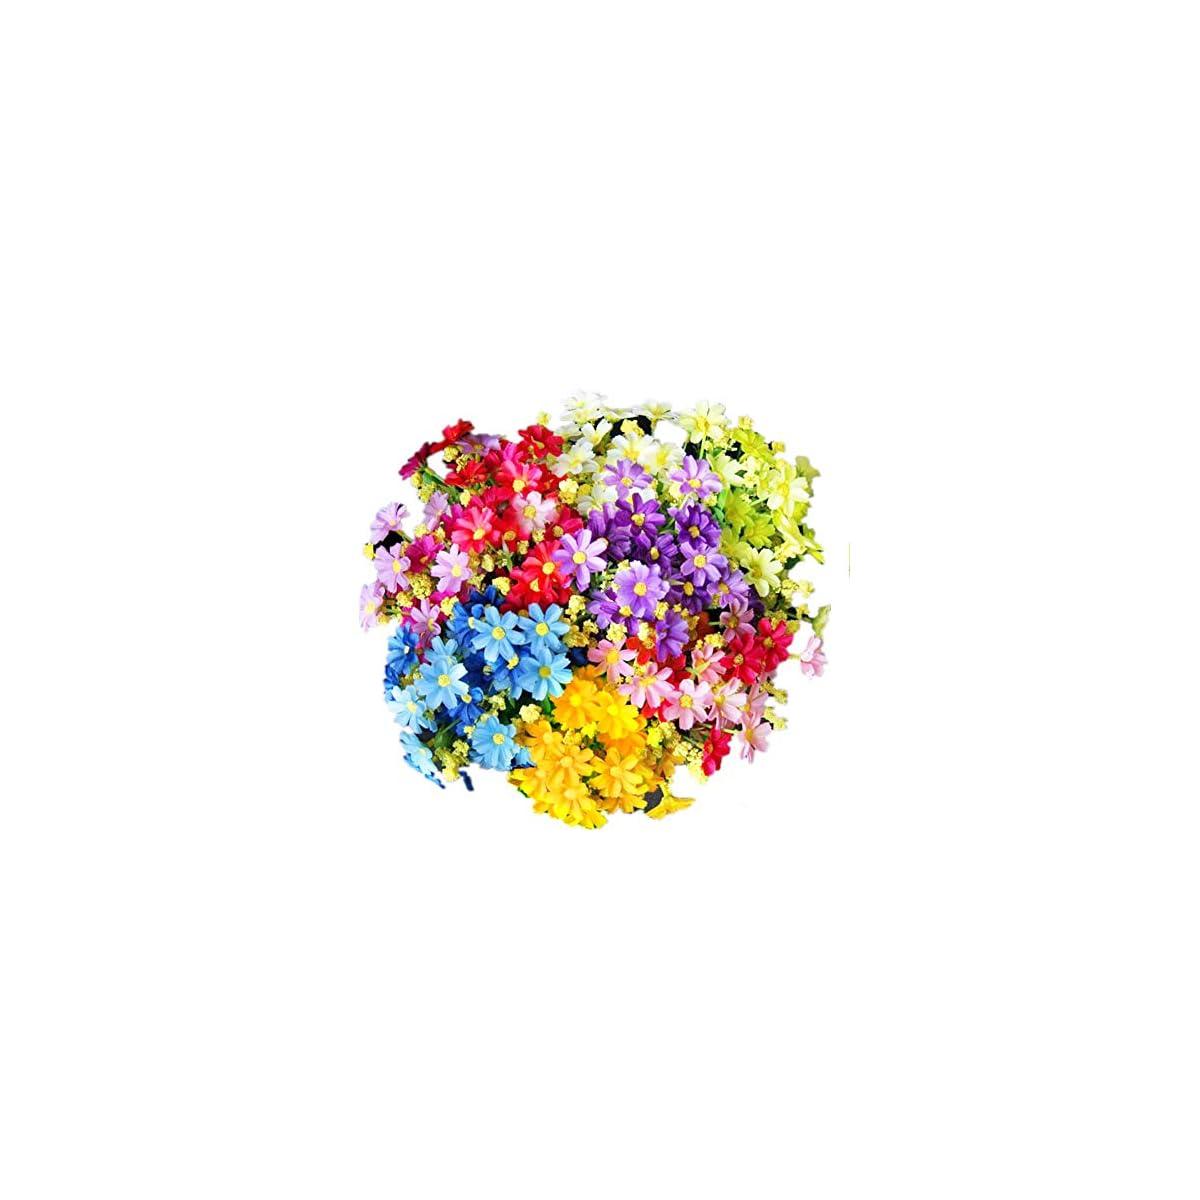 51BdDyVeJKL. SS1200  - EQLEF Margaritas Artificiales Decoracion, Realista Falso Hermoso para la Boda casera Decoración de jardín 5 manojos